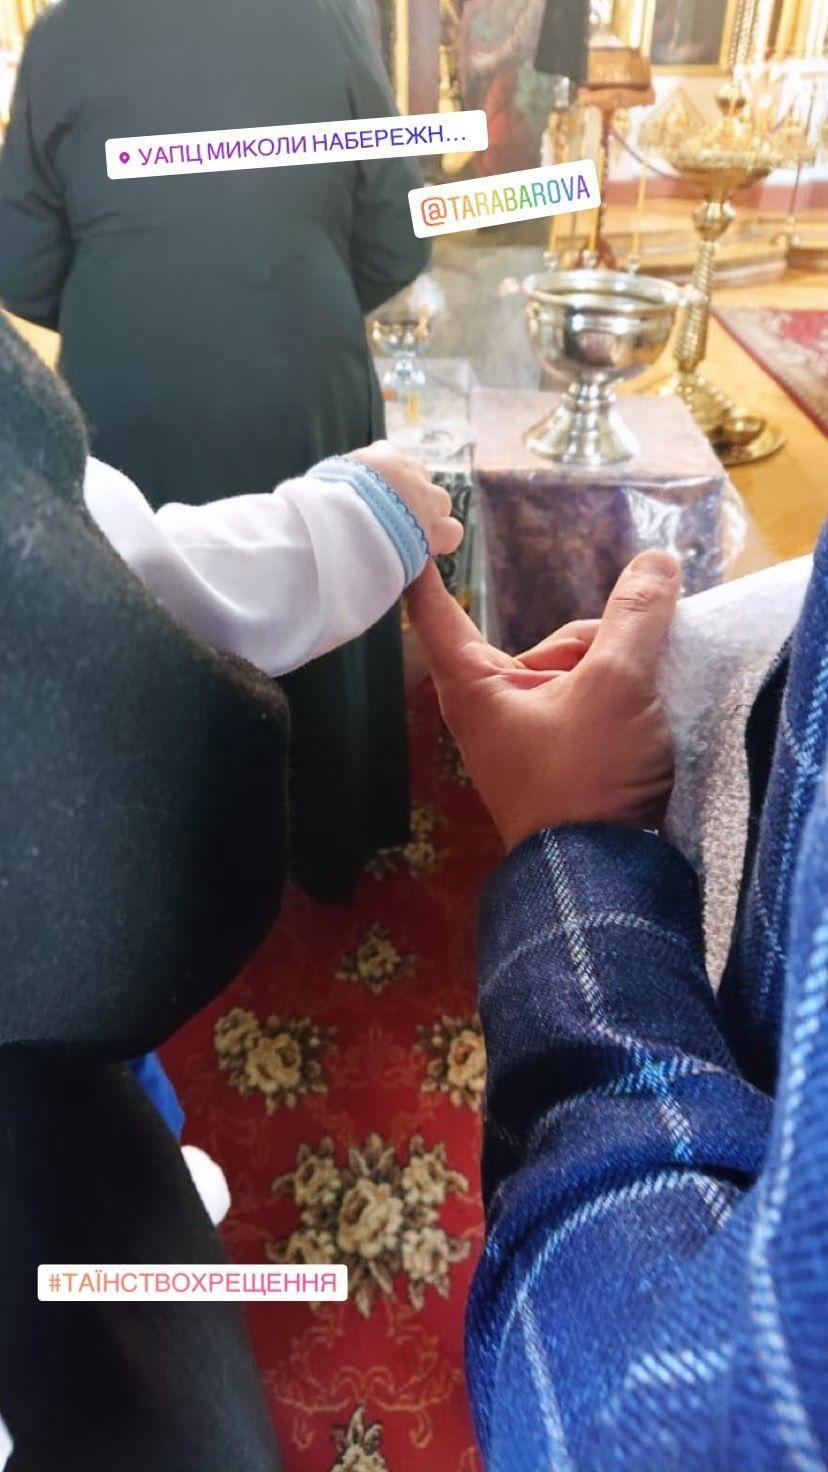 Хрестини сина Тарабарової_2